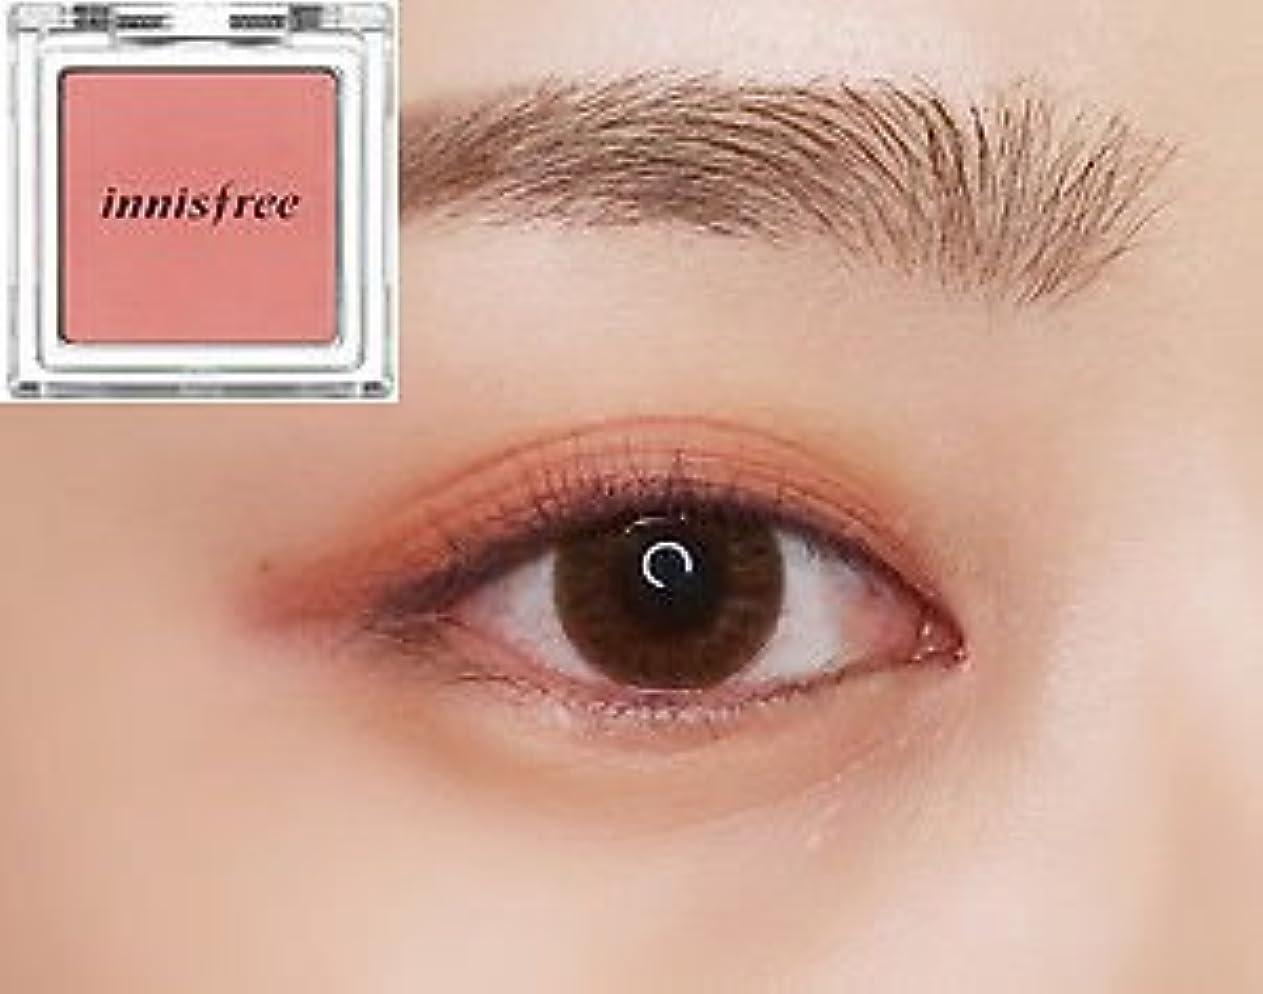 銀河等してはいけない[イニスフリー] innisfree [マイ パレット マイ アイシャドウ (マット) 40カラー] MY PALETTE My Eyeshadow (Matte) 40 Shades [海外直送品] (マット #33)